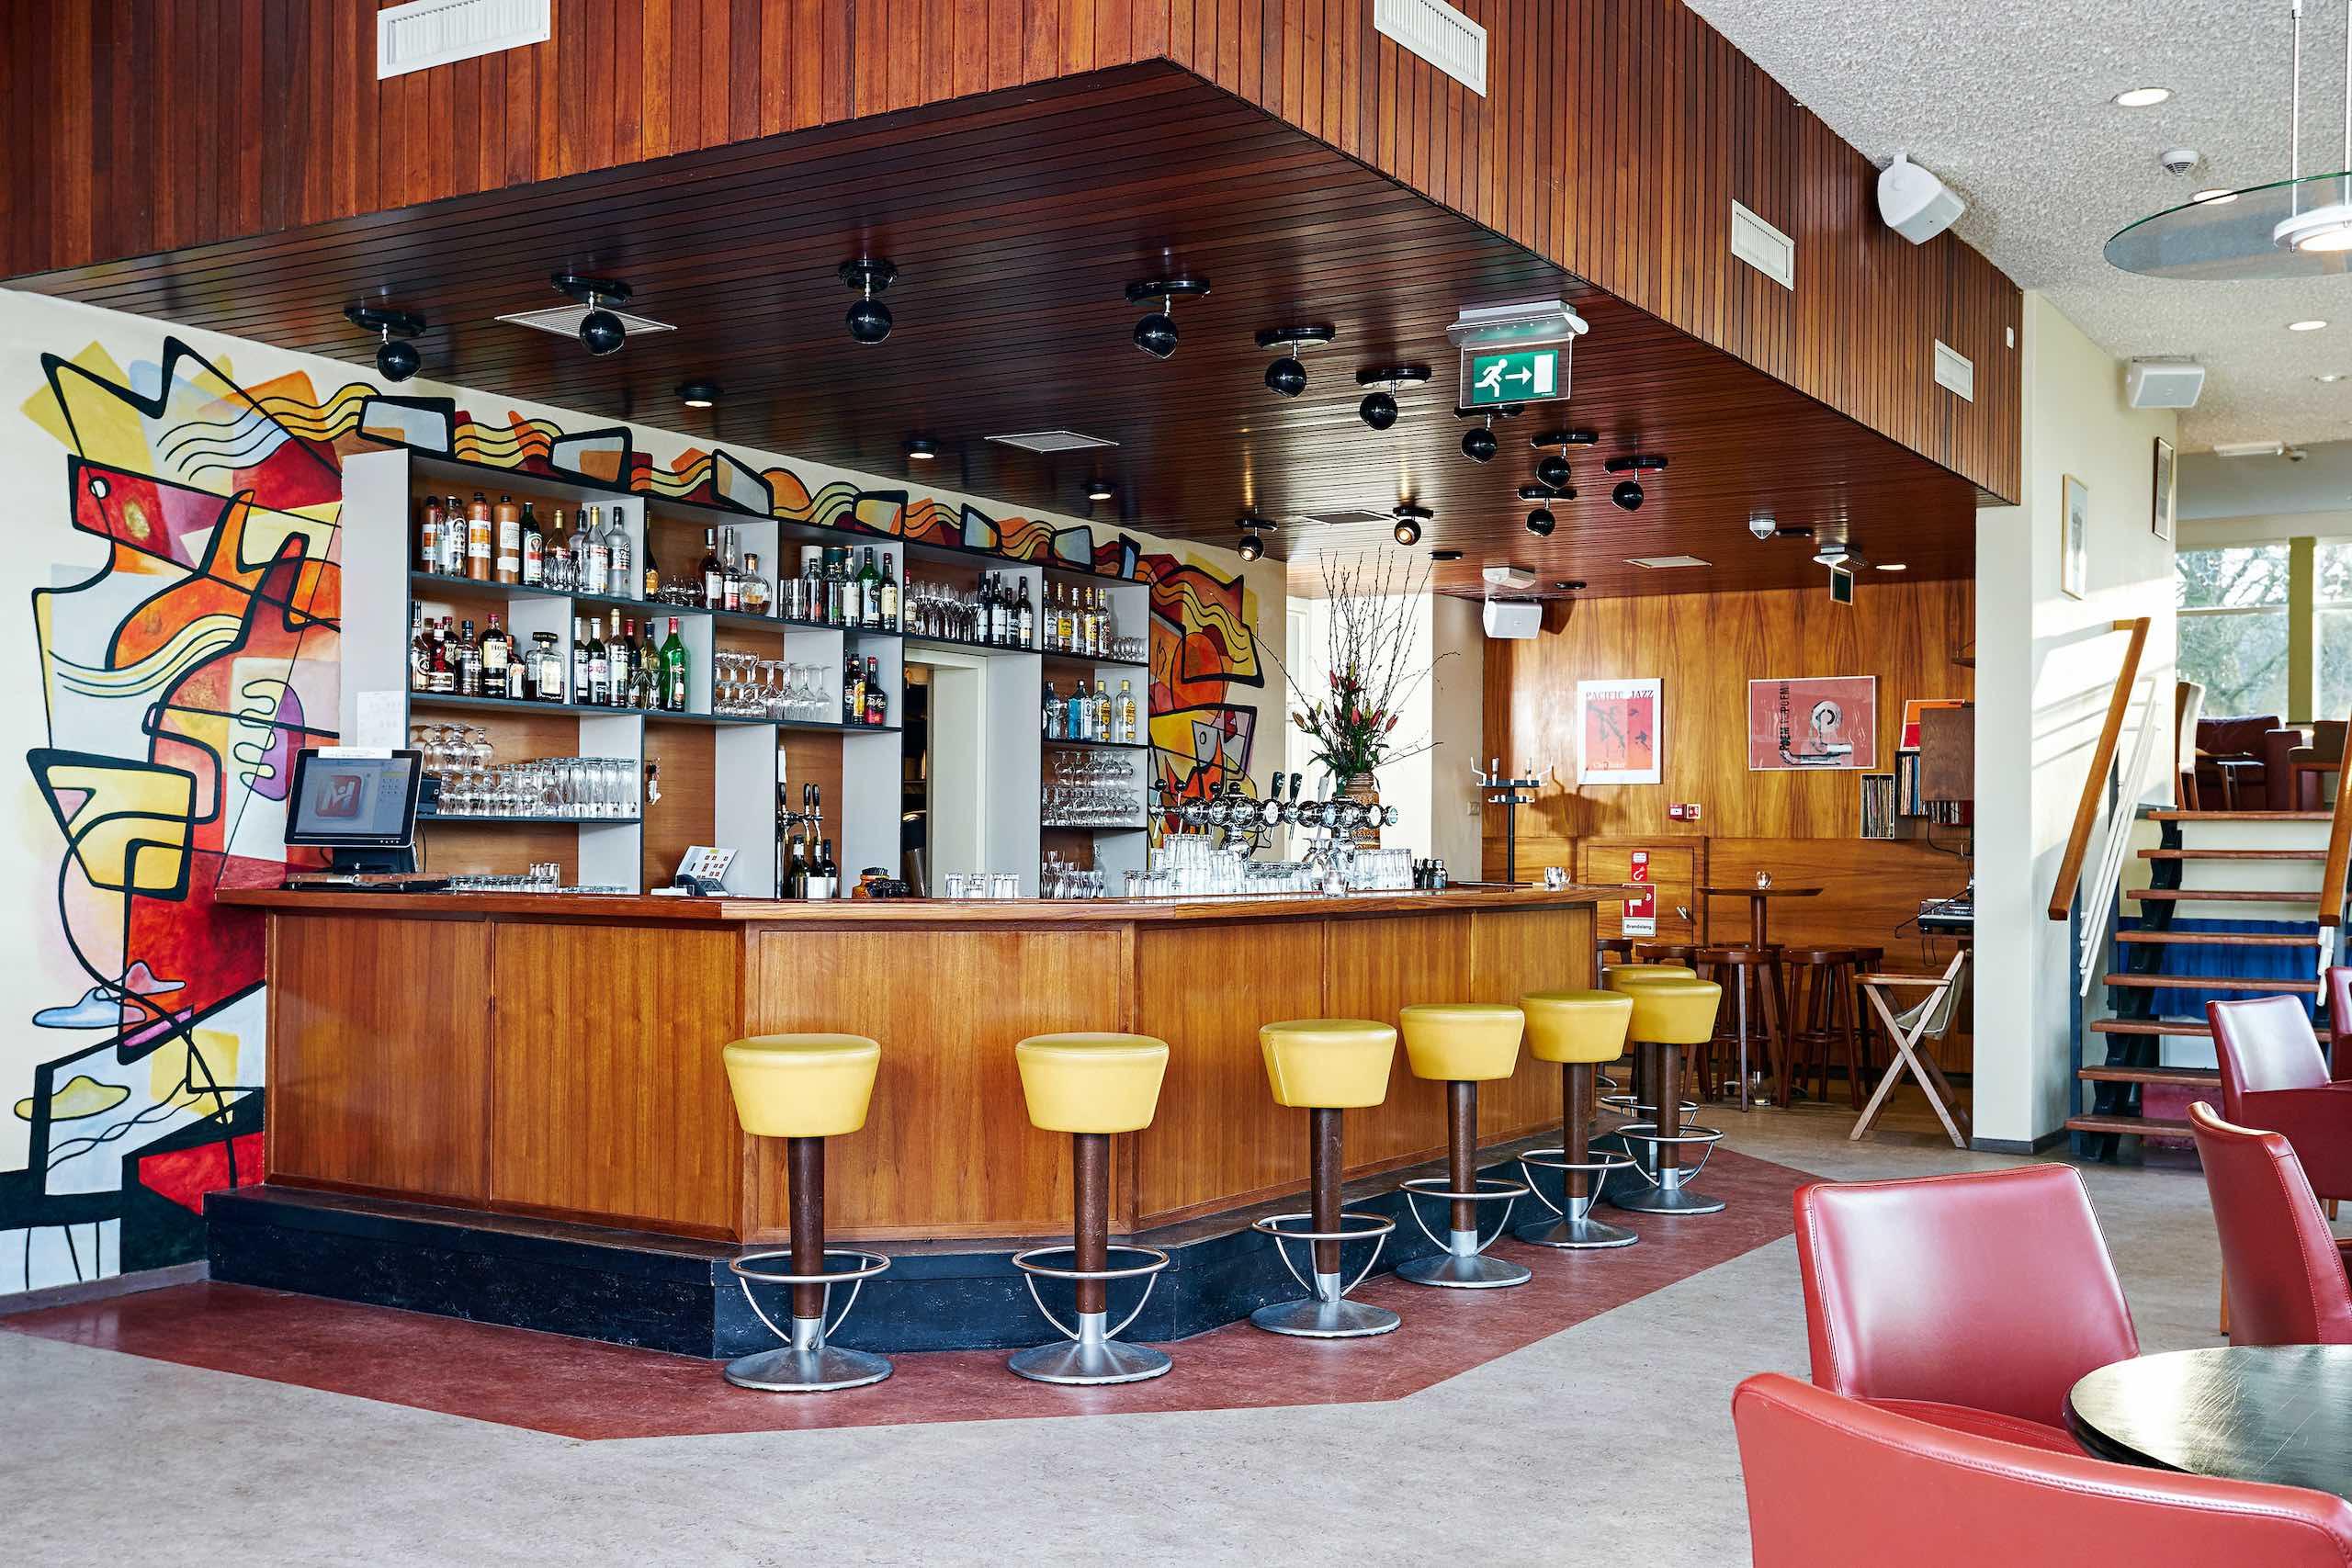 Pension Homeland Amsterdam - BarKrukken